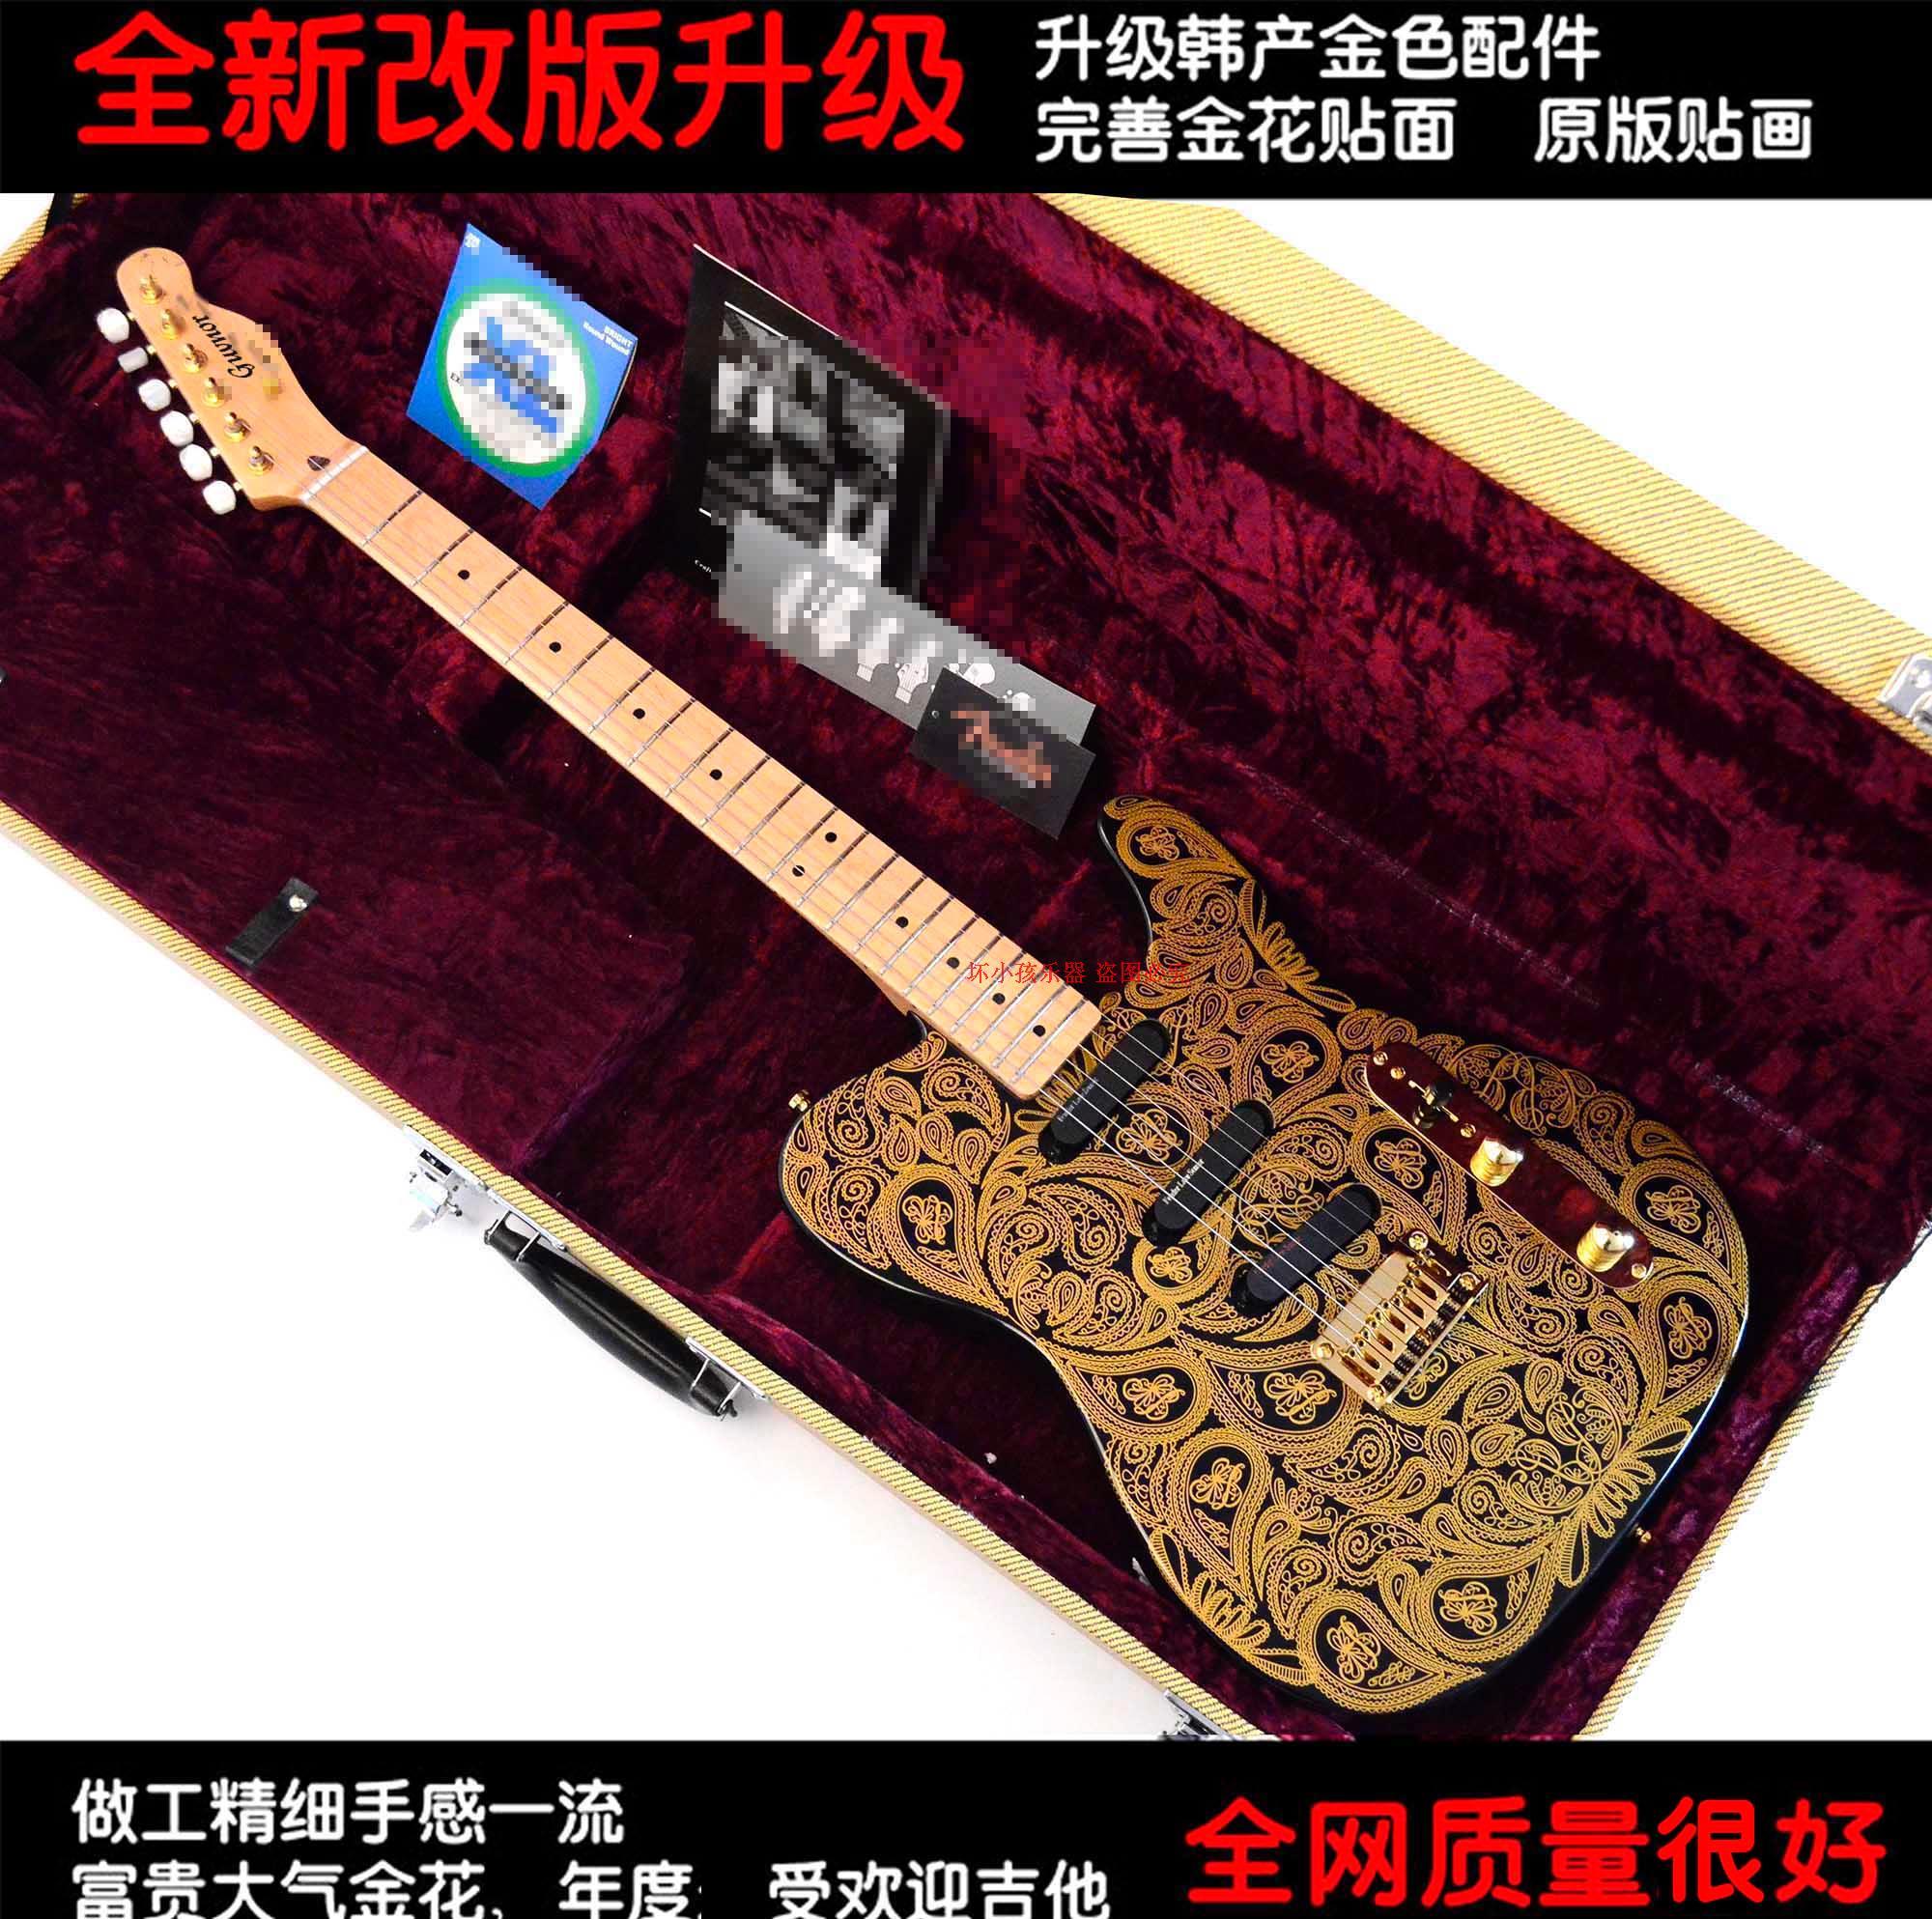 御用010-8602黄贯中金花电吉他摇滚黄家驹吉他新手吉他初学者金属